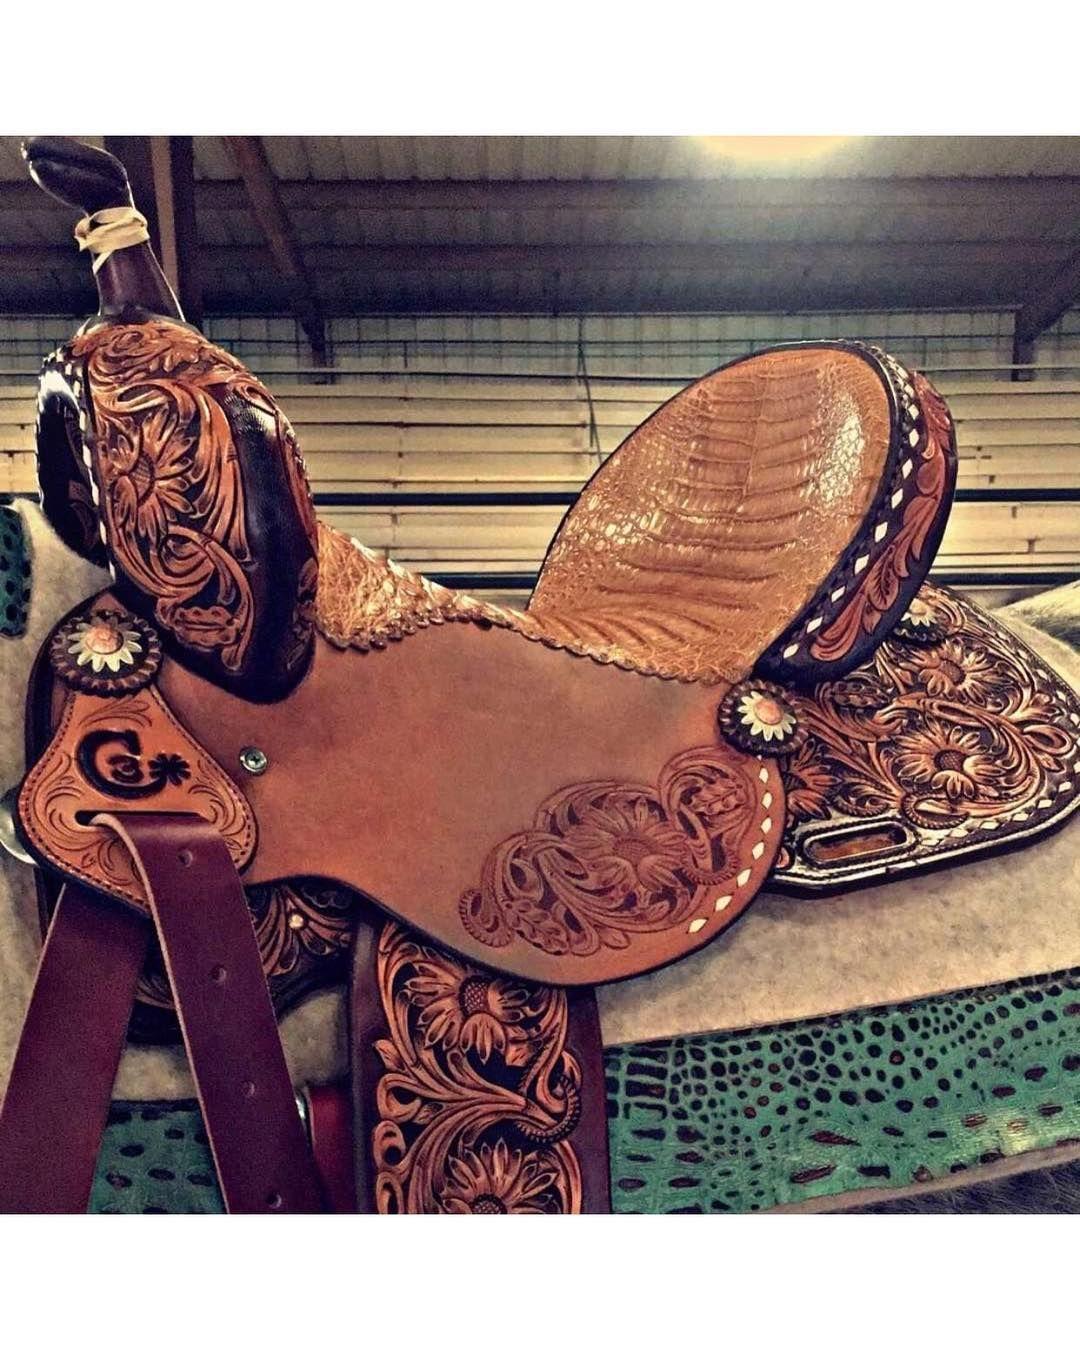 Tooled leather  | Tack | Barrel racing horses, Barrel racing tack